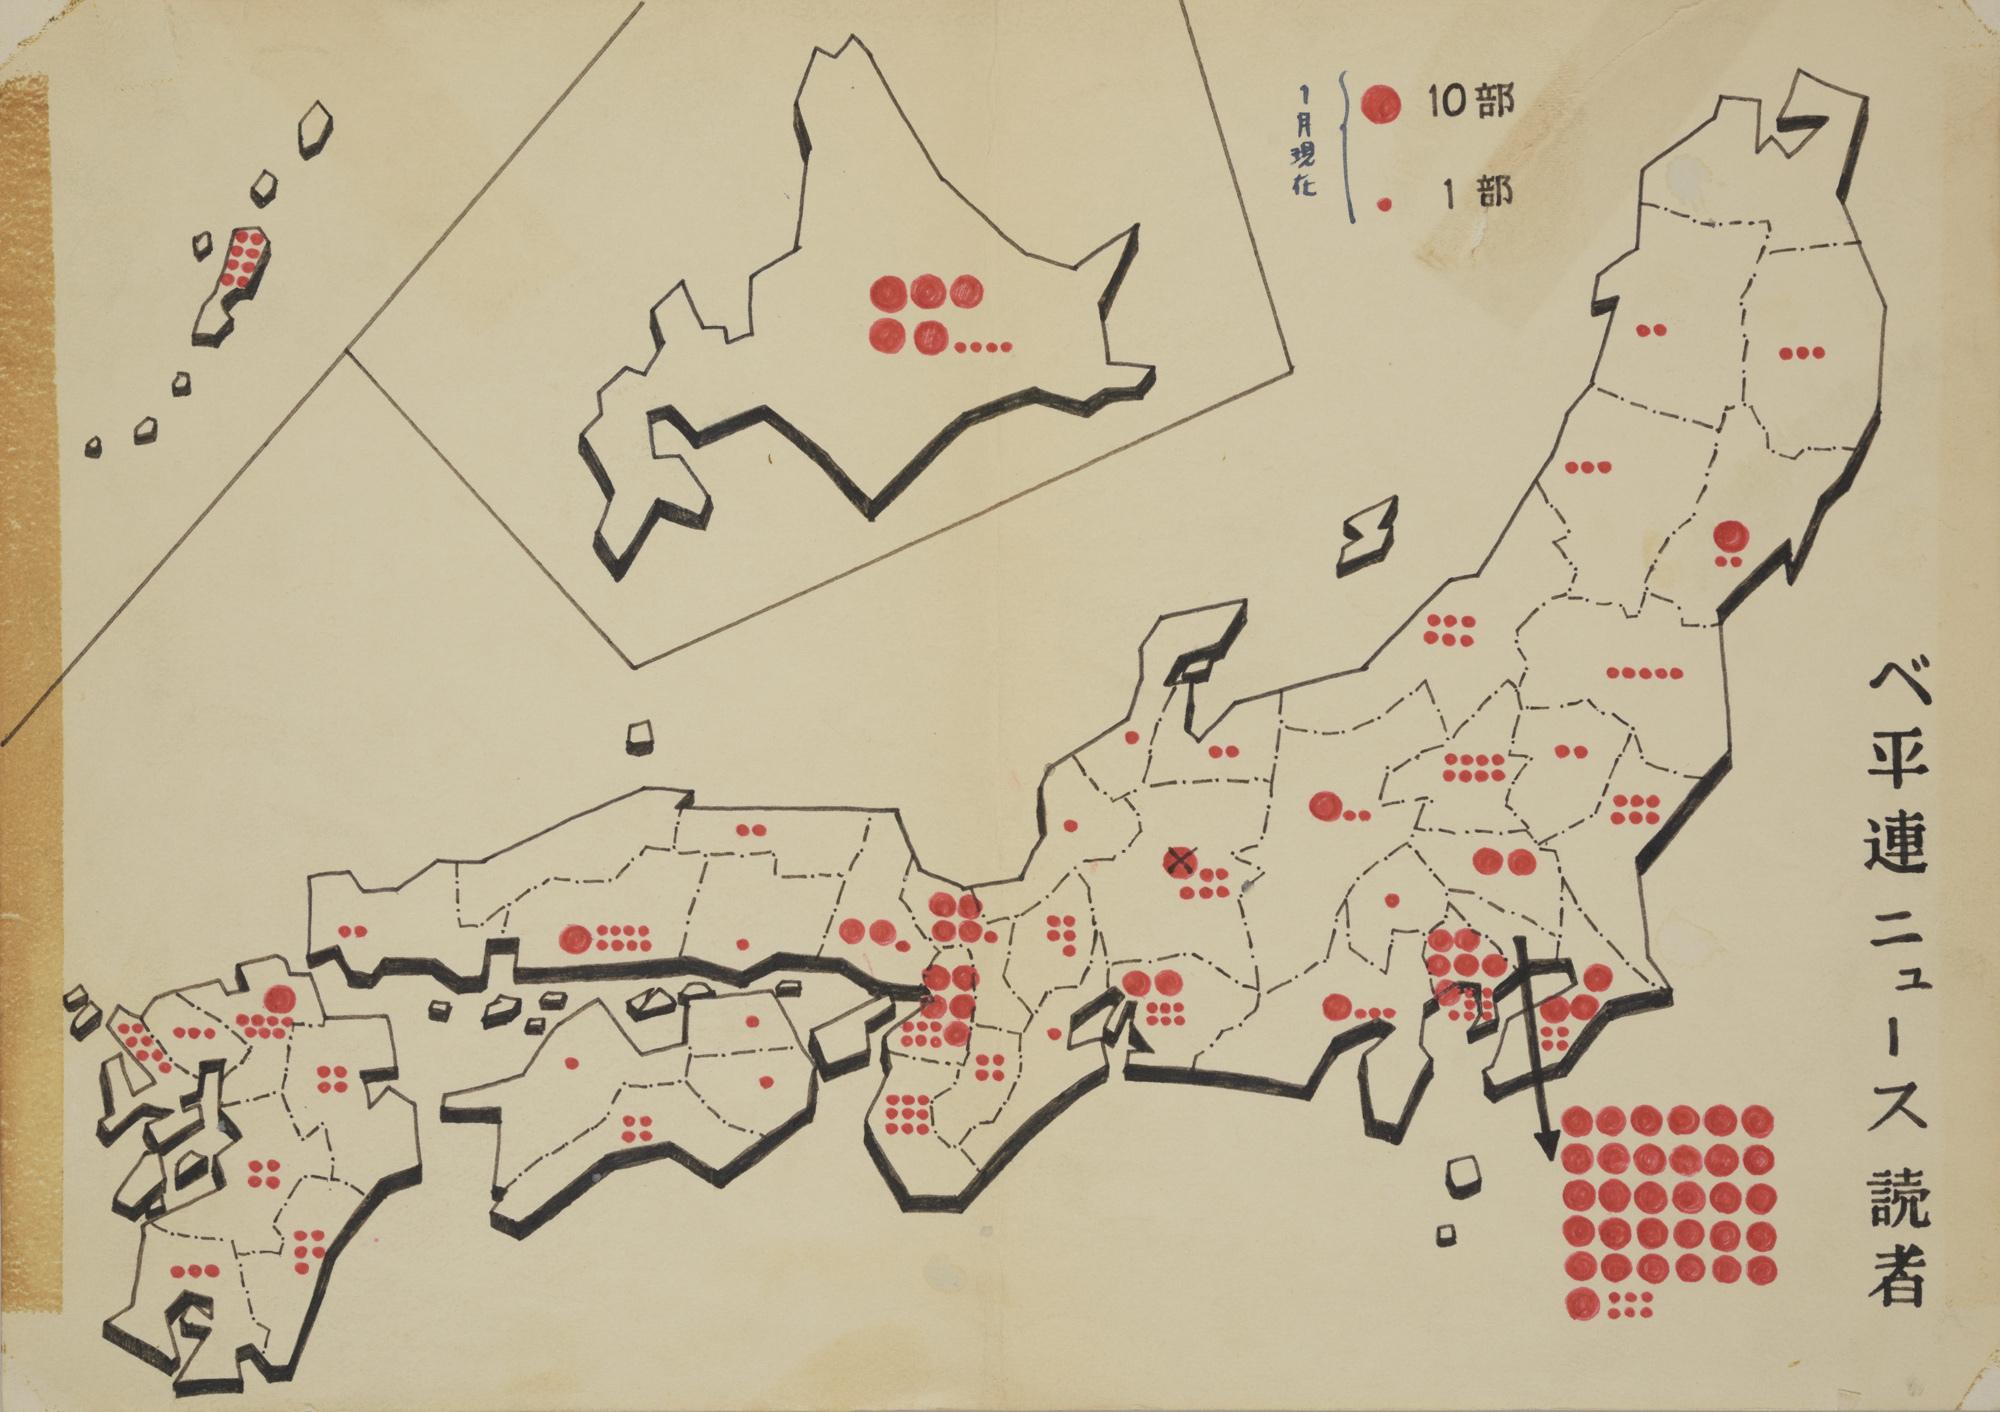 ベ平連ニュース読者地図 1967 立教大学共生社会研究センター蔵